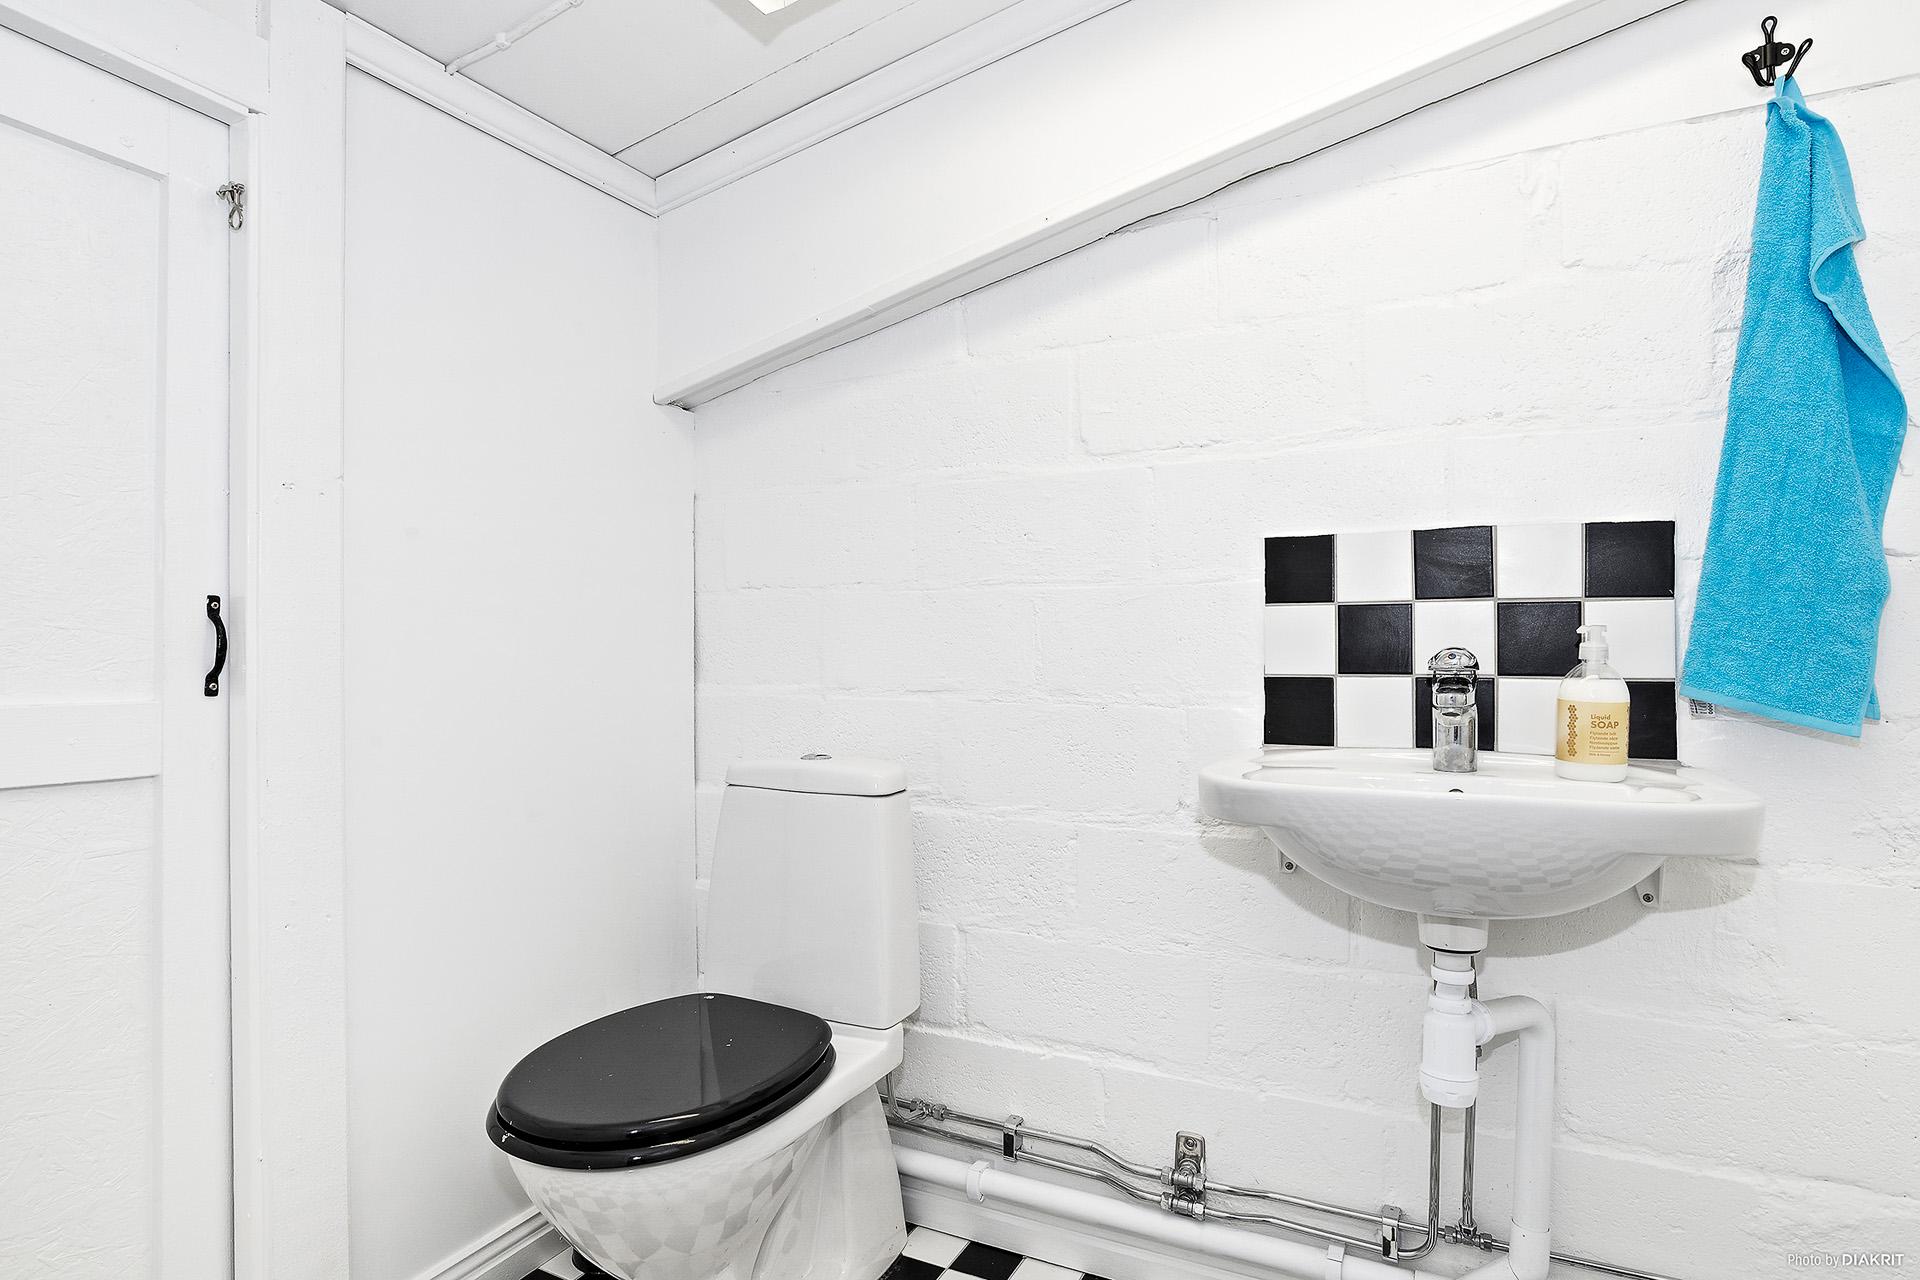 Toalett invid pentry i lokalen